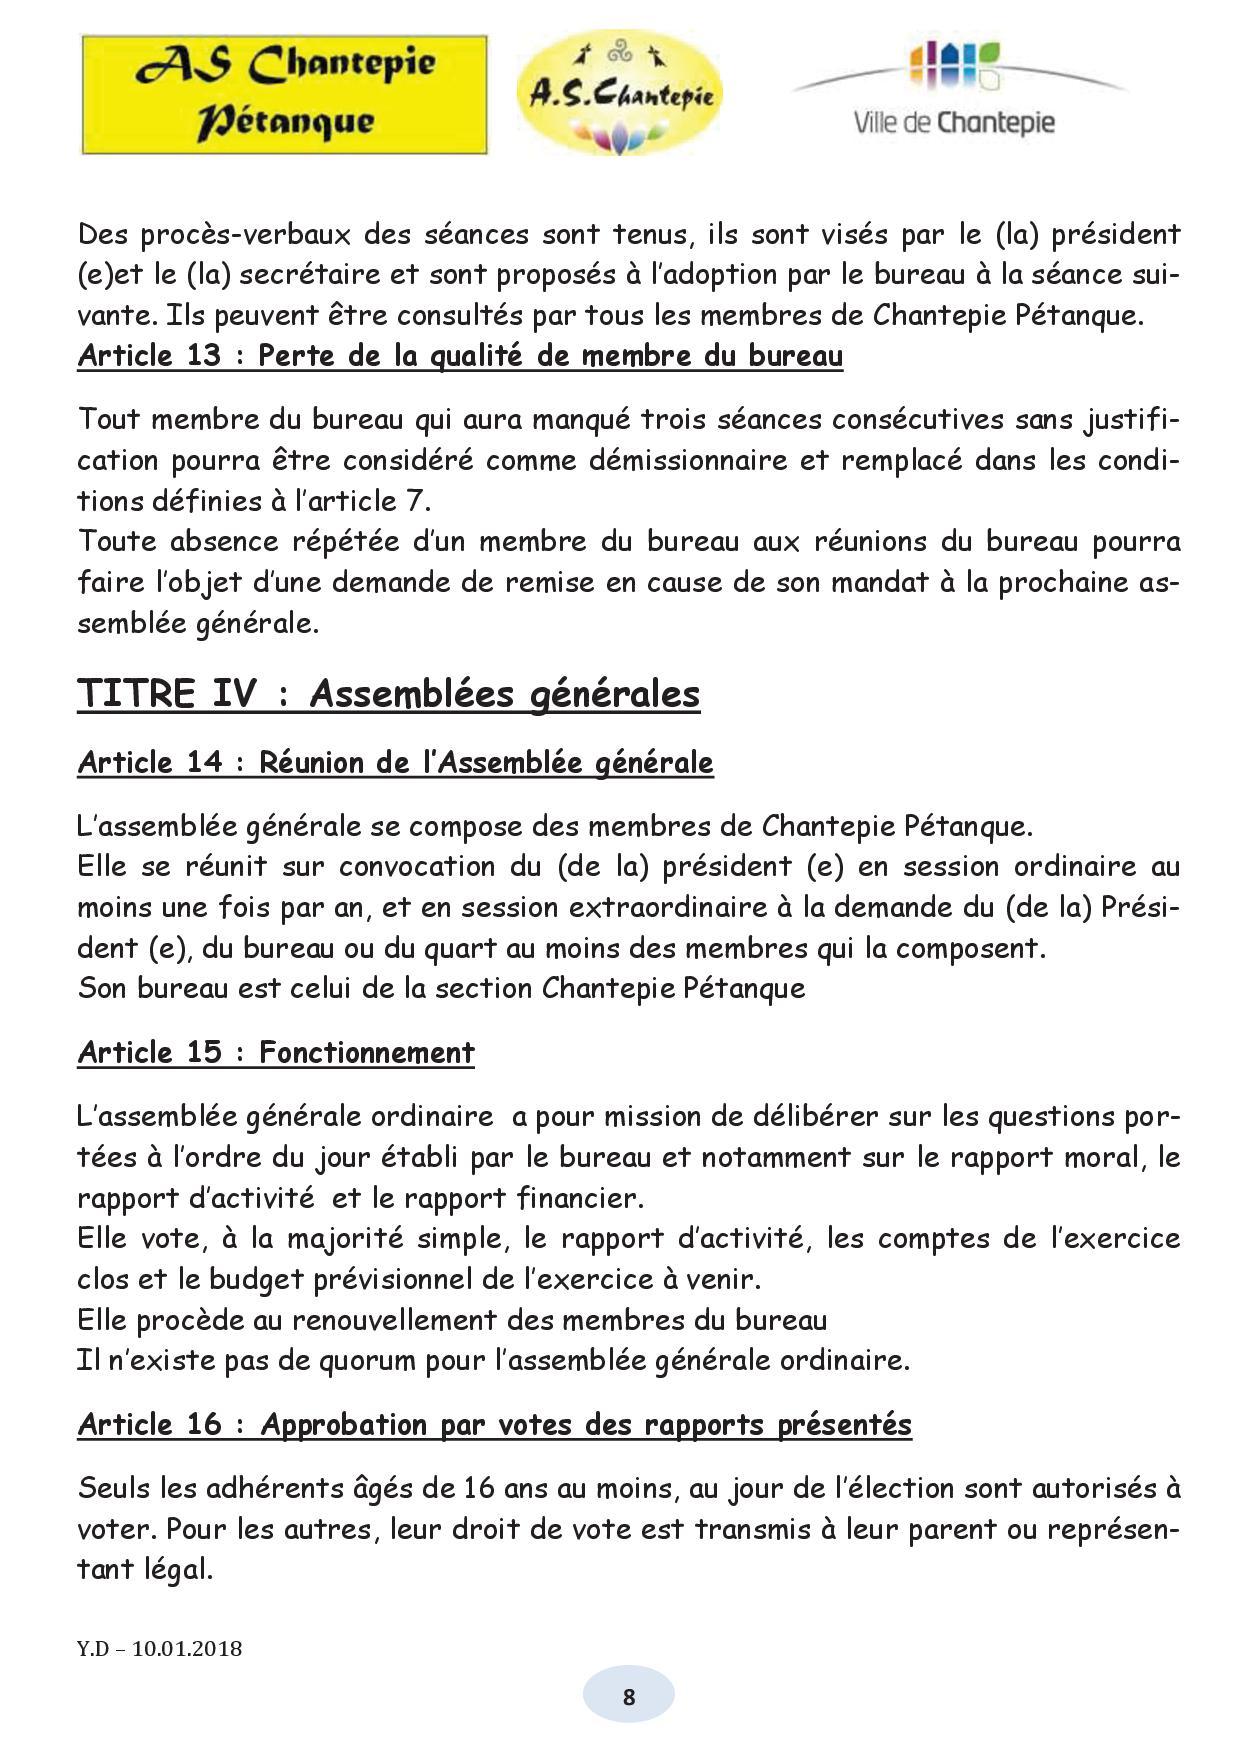 REGLEMENT CHANTEPIE PÉTANQUE  V10.01.2018 ( modif réunion 10.01.18)08.jpg